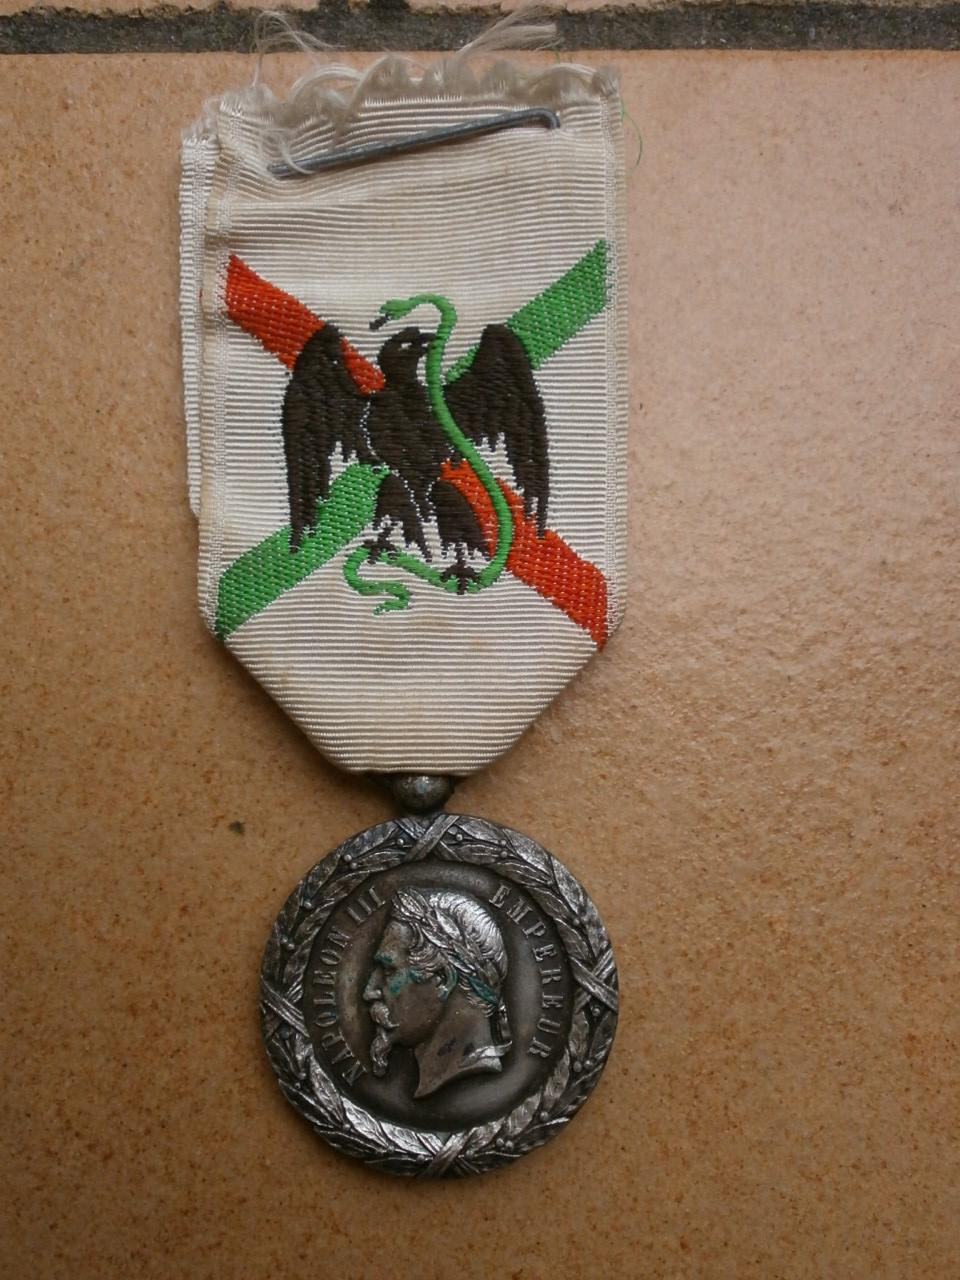 Medaille du Mexique  Camerone Medai194